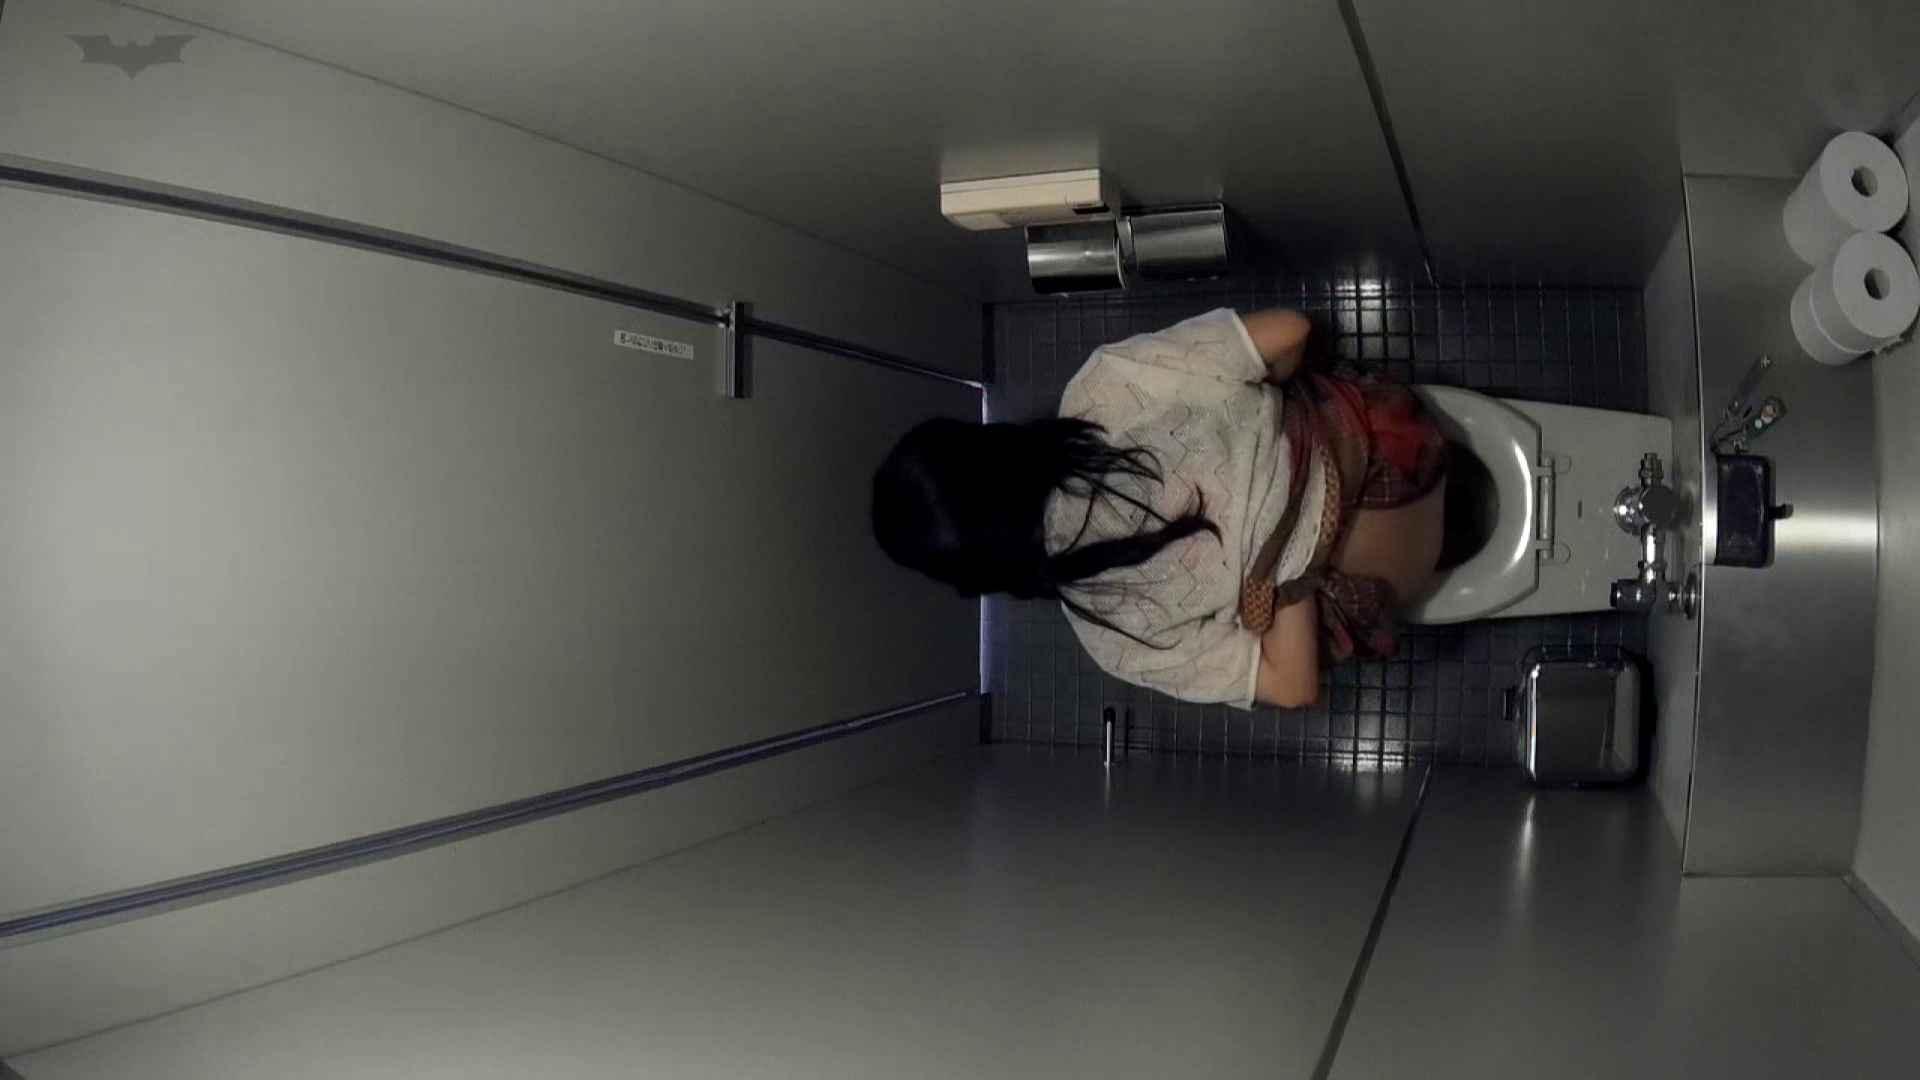 有名大学女性洗面所 vol.45 冴え渡る多方向撮影!職人技です。 潜入  98pic 20